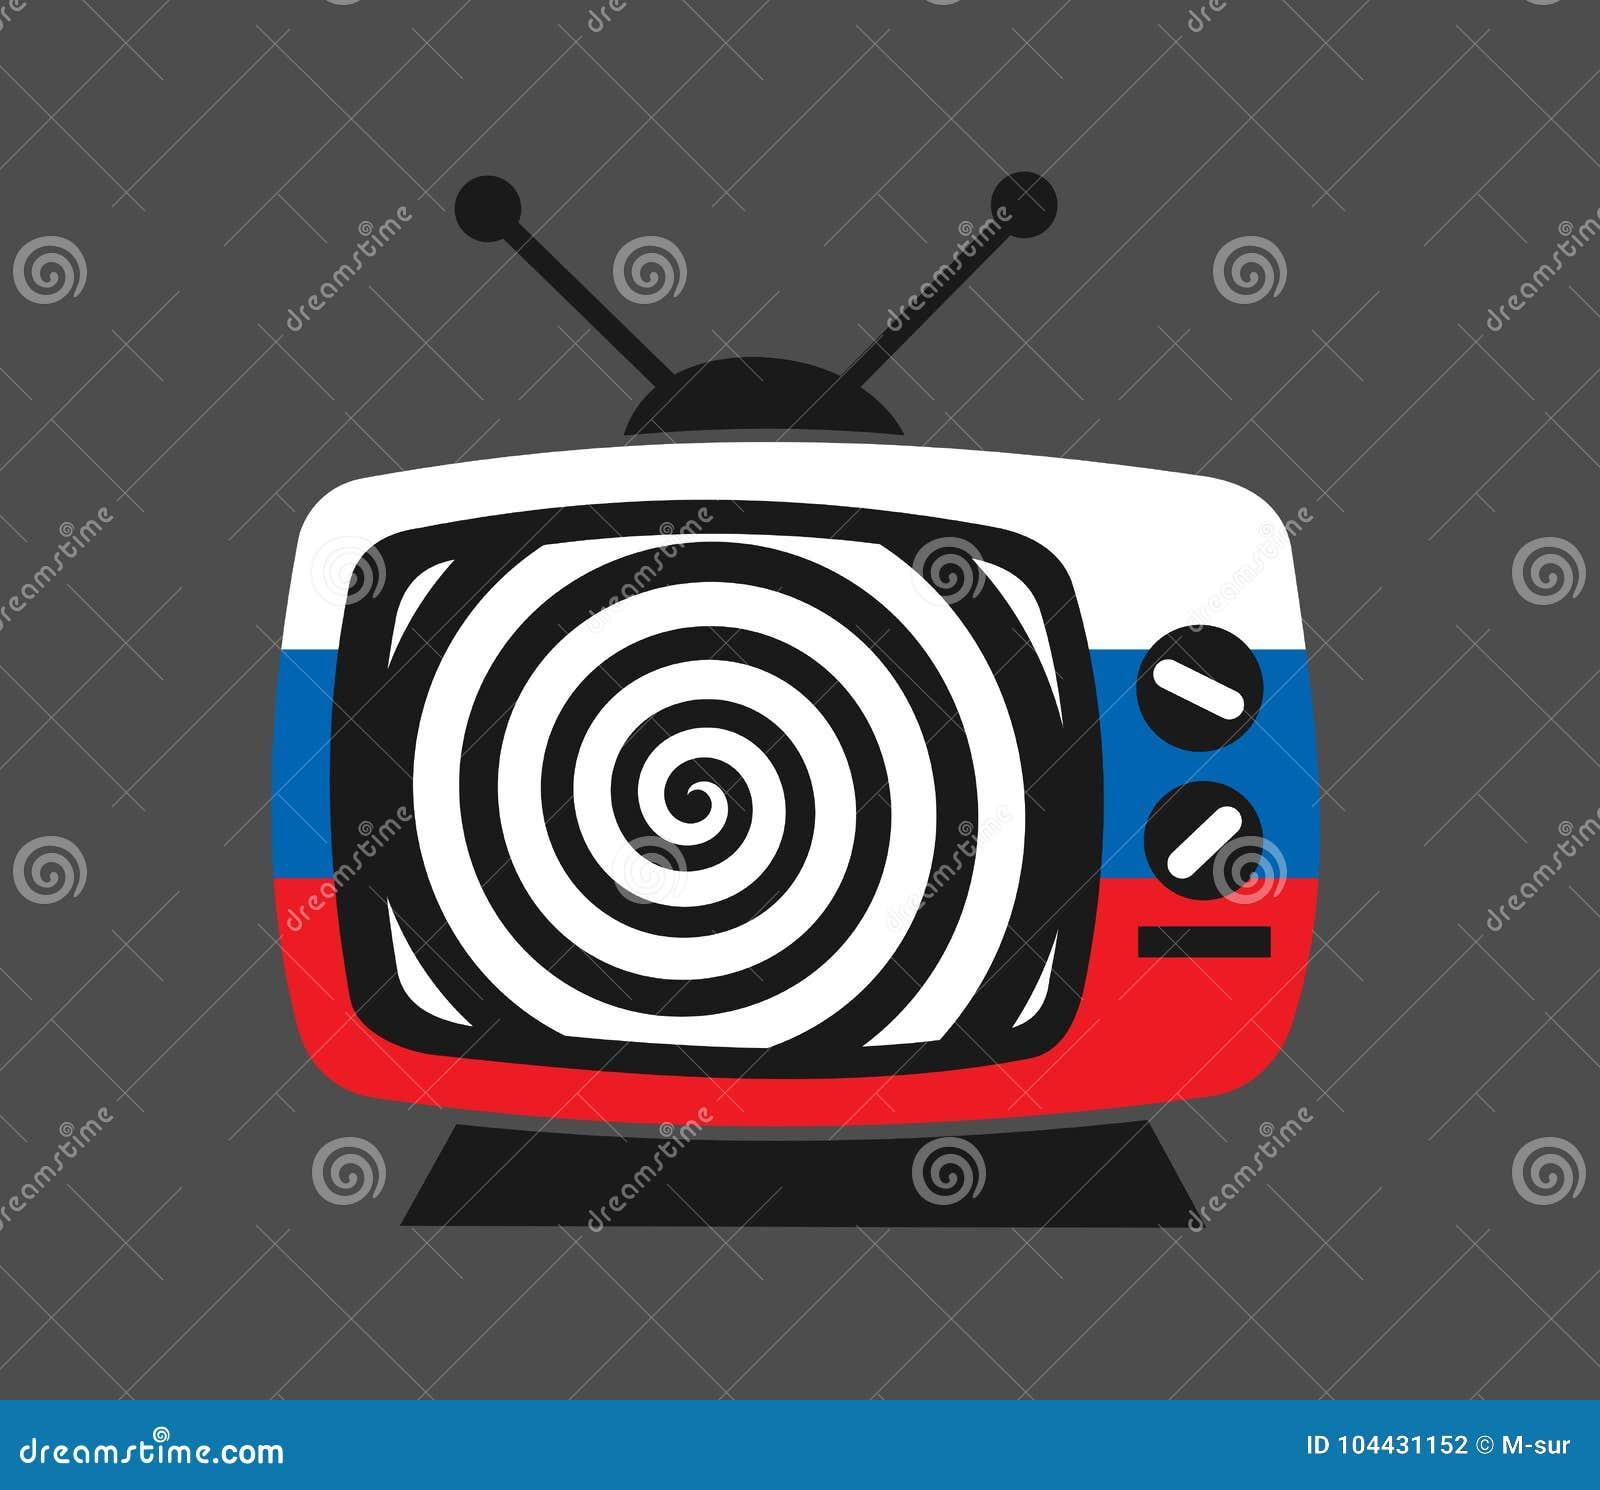 Ρωσικός χειρισμός, παραπληροφόρηση, πλαστές ειδήσεις και προπαγάνδα